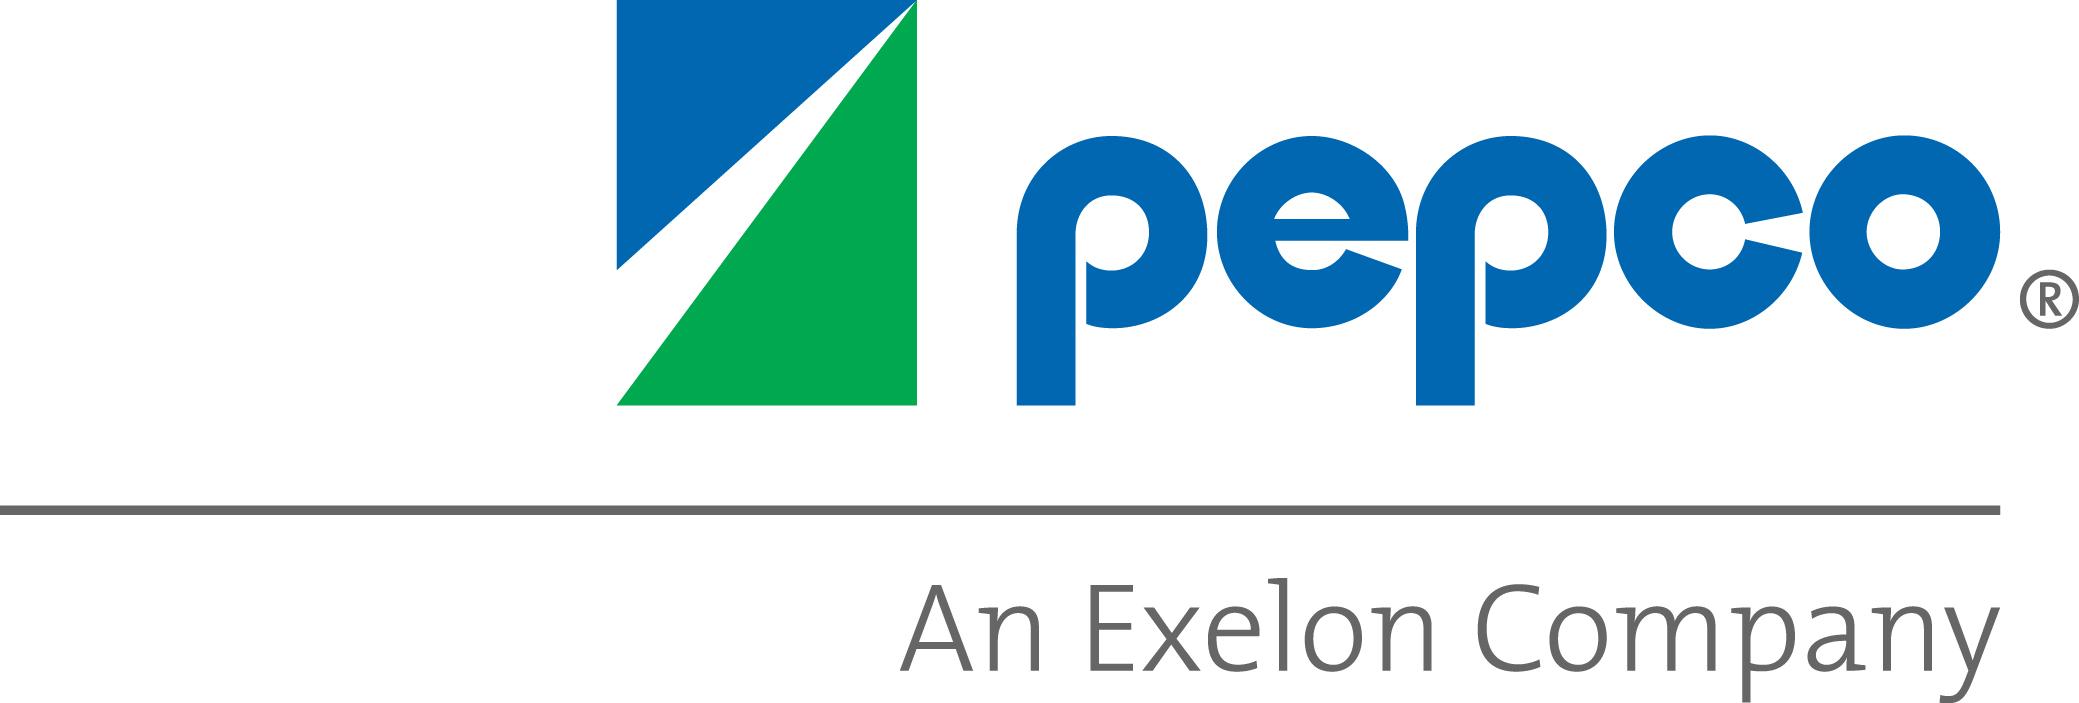 Pepco: An Exelon Company